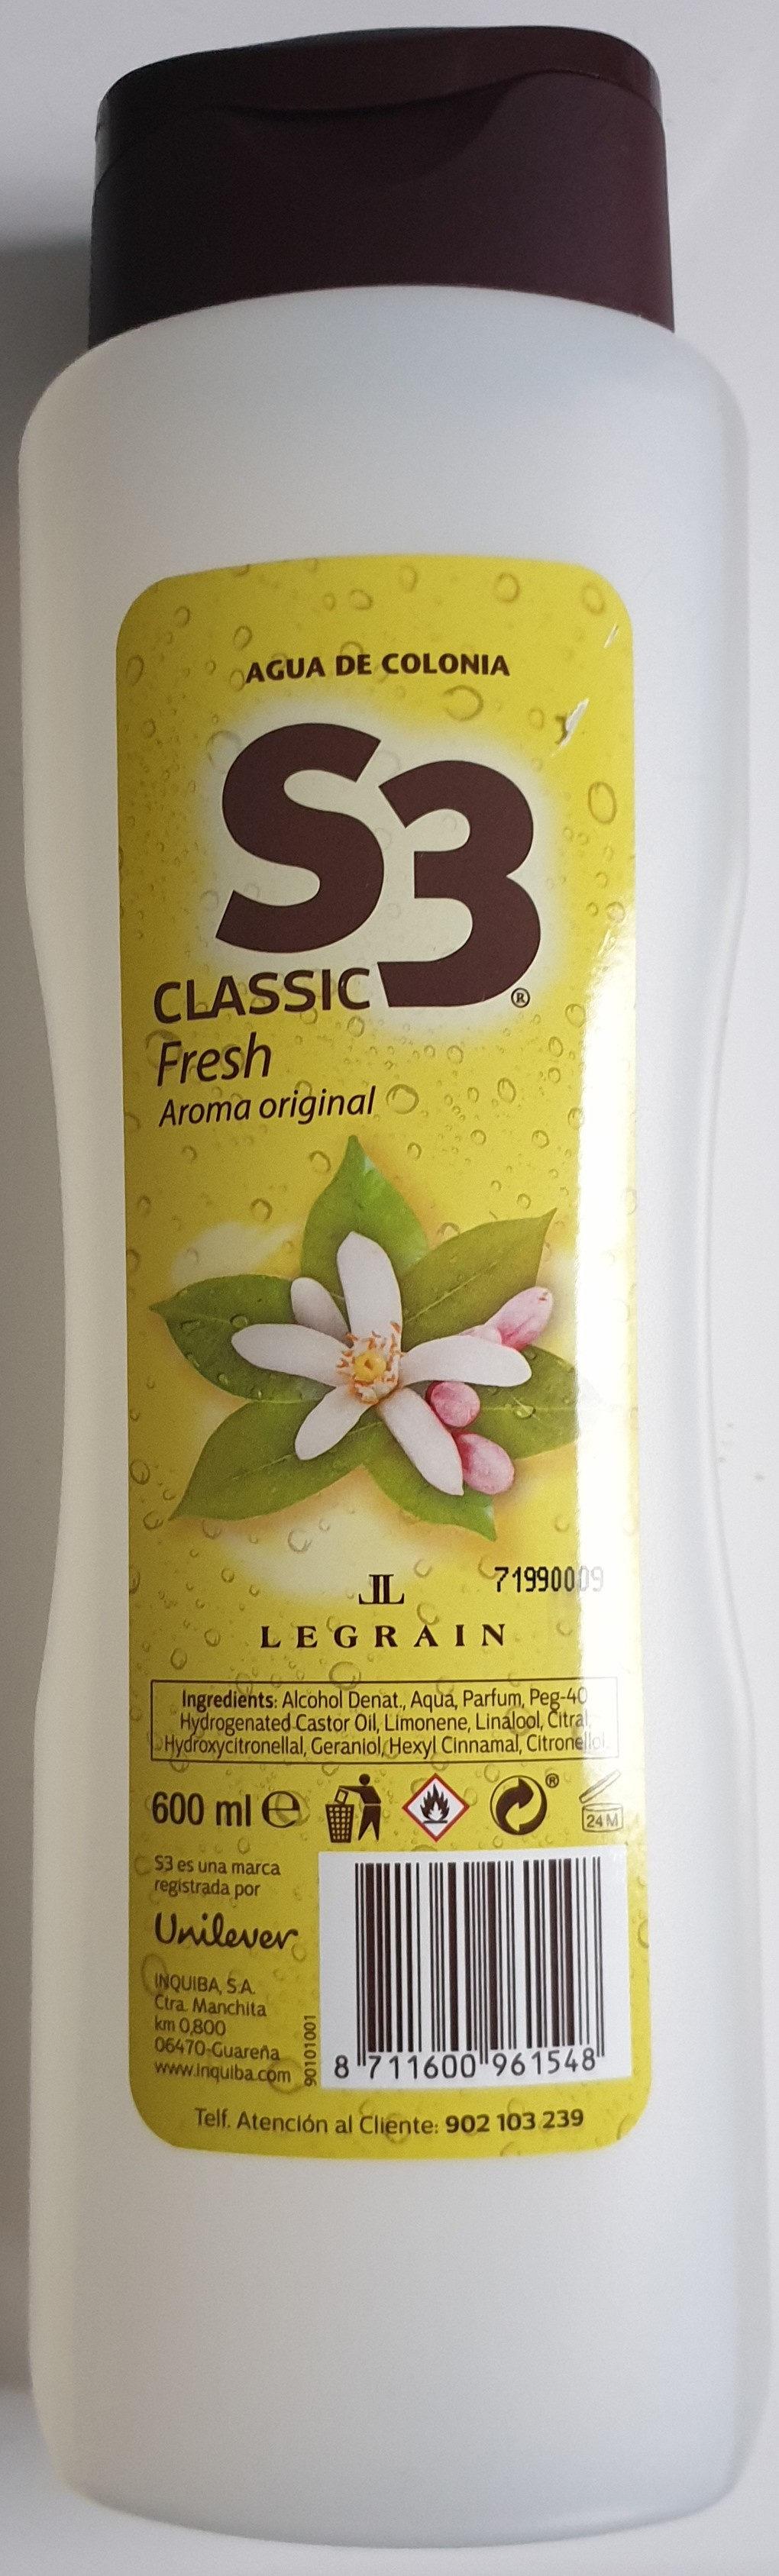 S3 classic fresh, aroma original - Produit - de